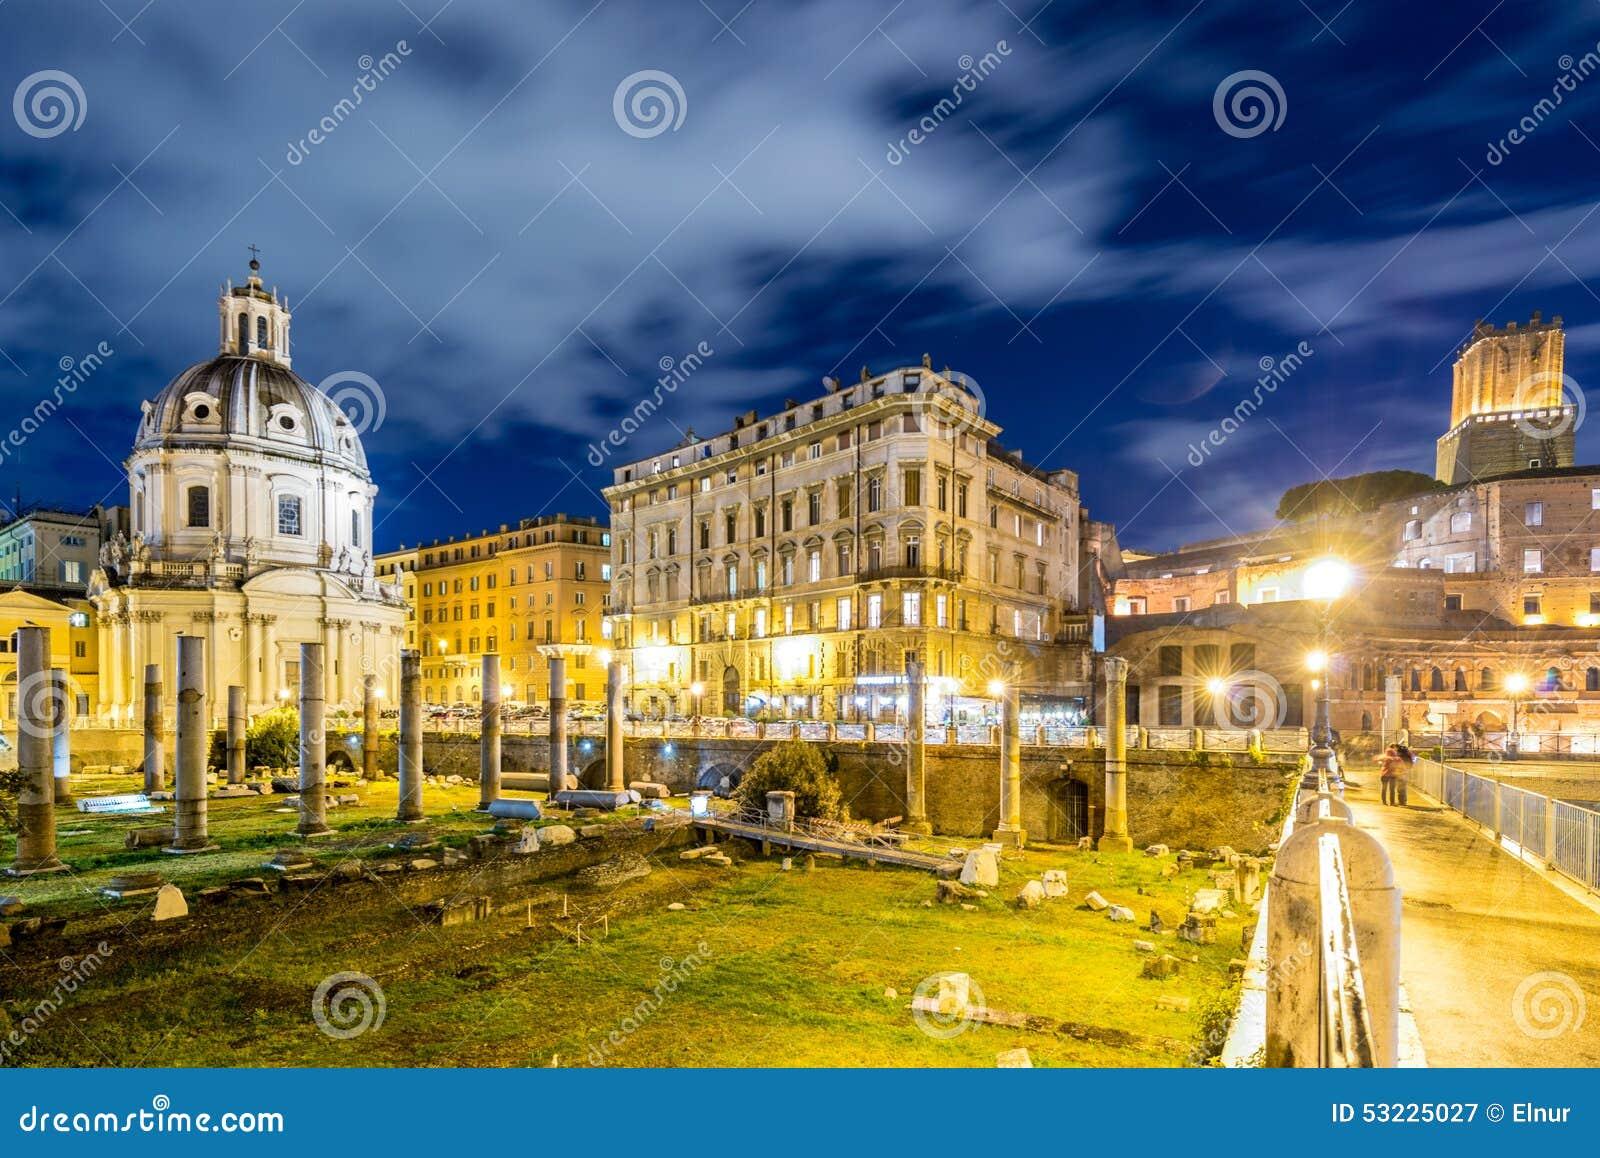 Ruines romanos durante la igualación de horas en Roma Italia